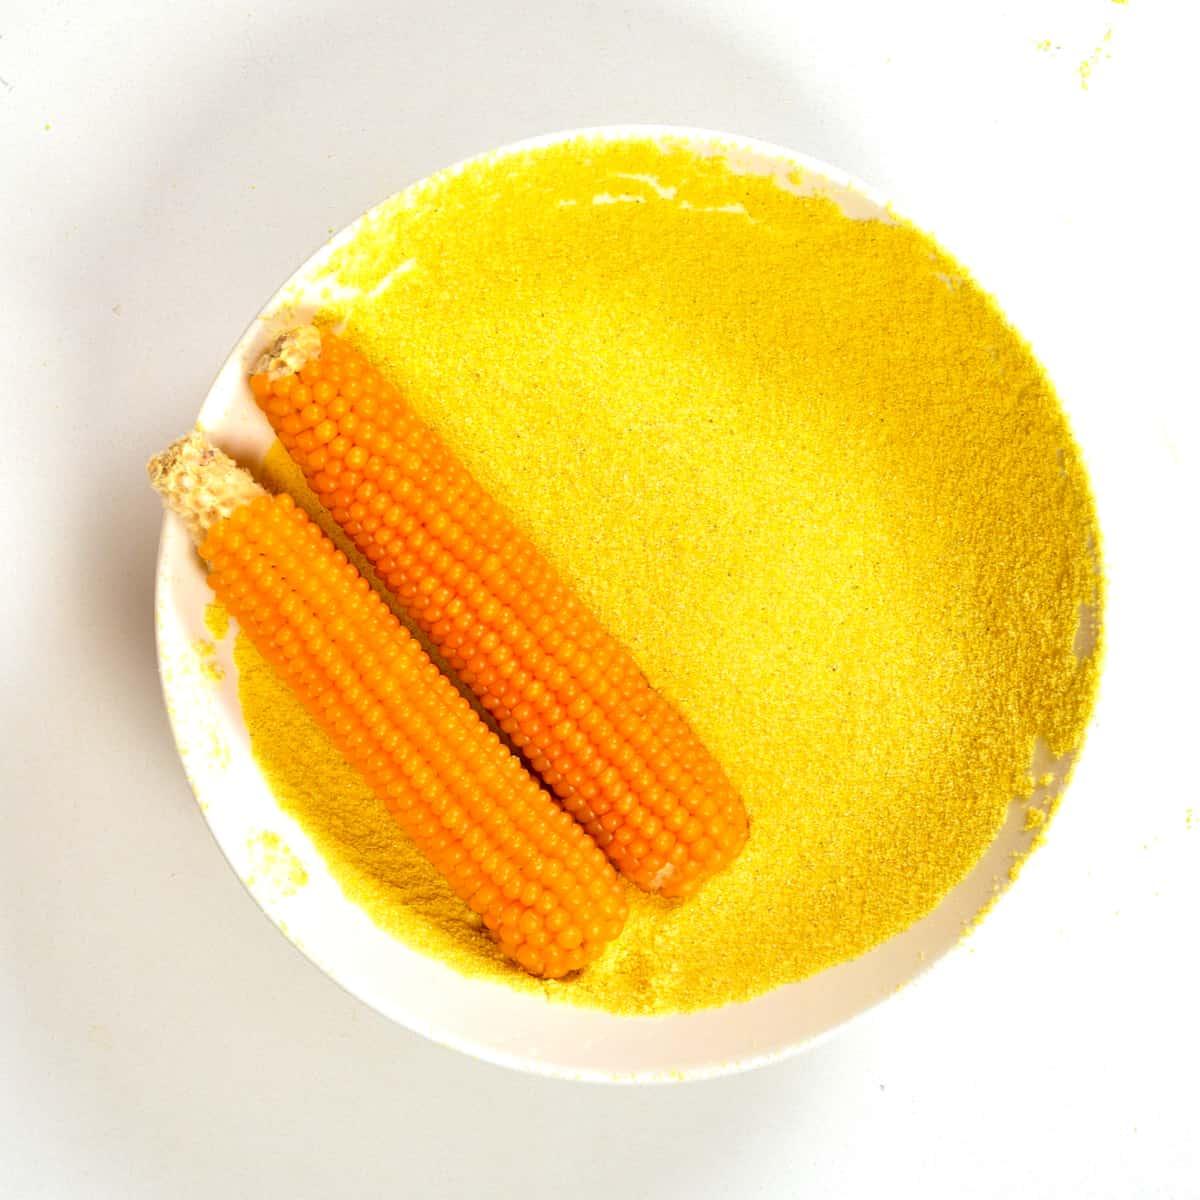 Homemade corn flour square